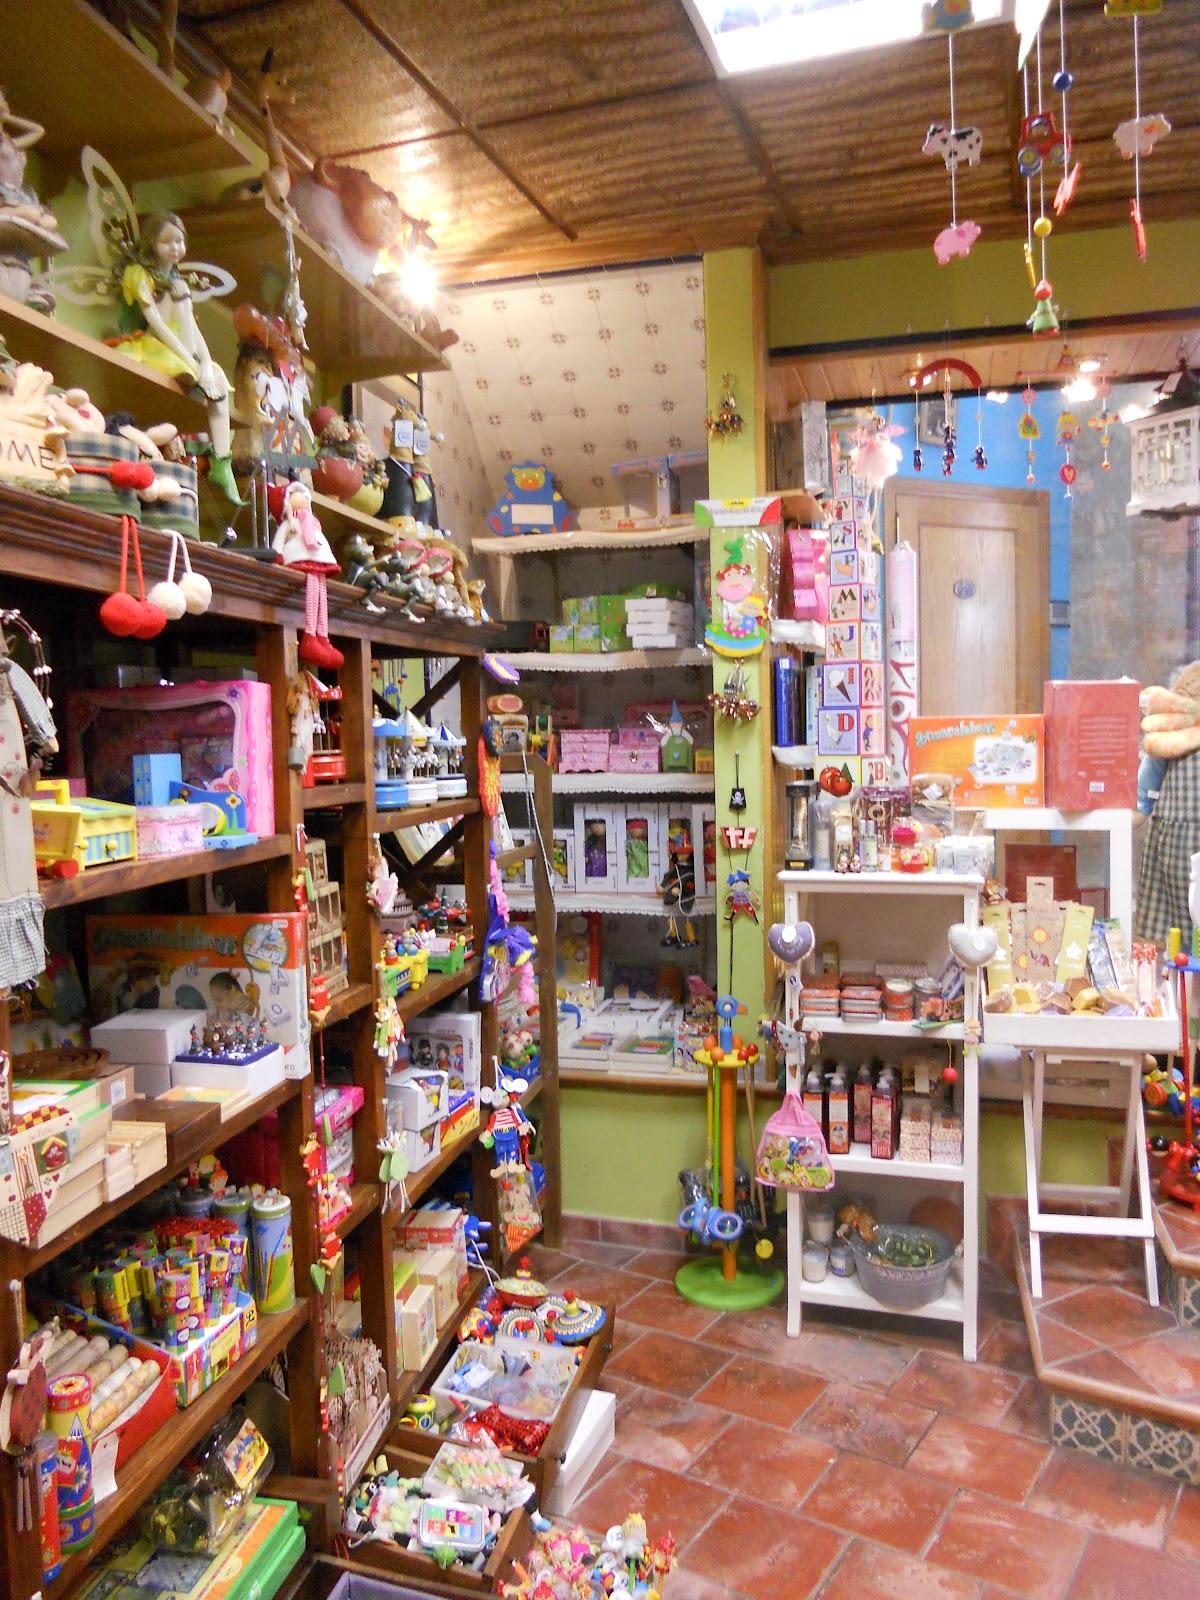 Casa roque morella restaurante y formaci n tienda el portal de morella decoraci n y regalos - Tiendas de decoracion de casa ...